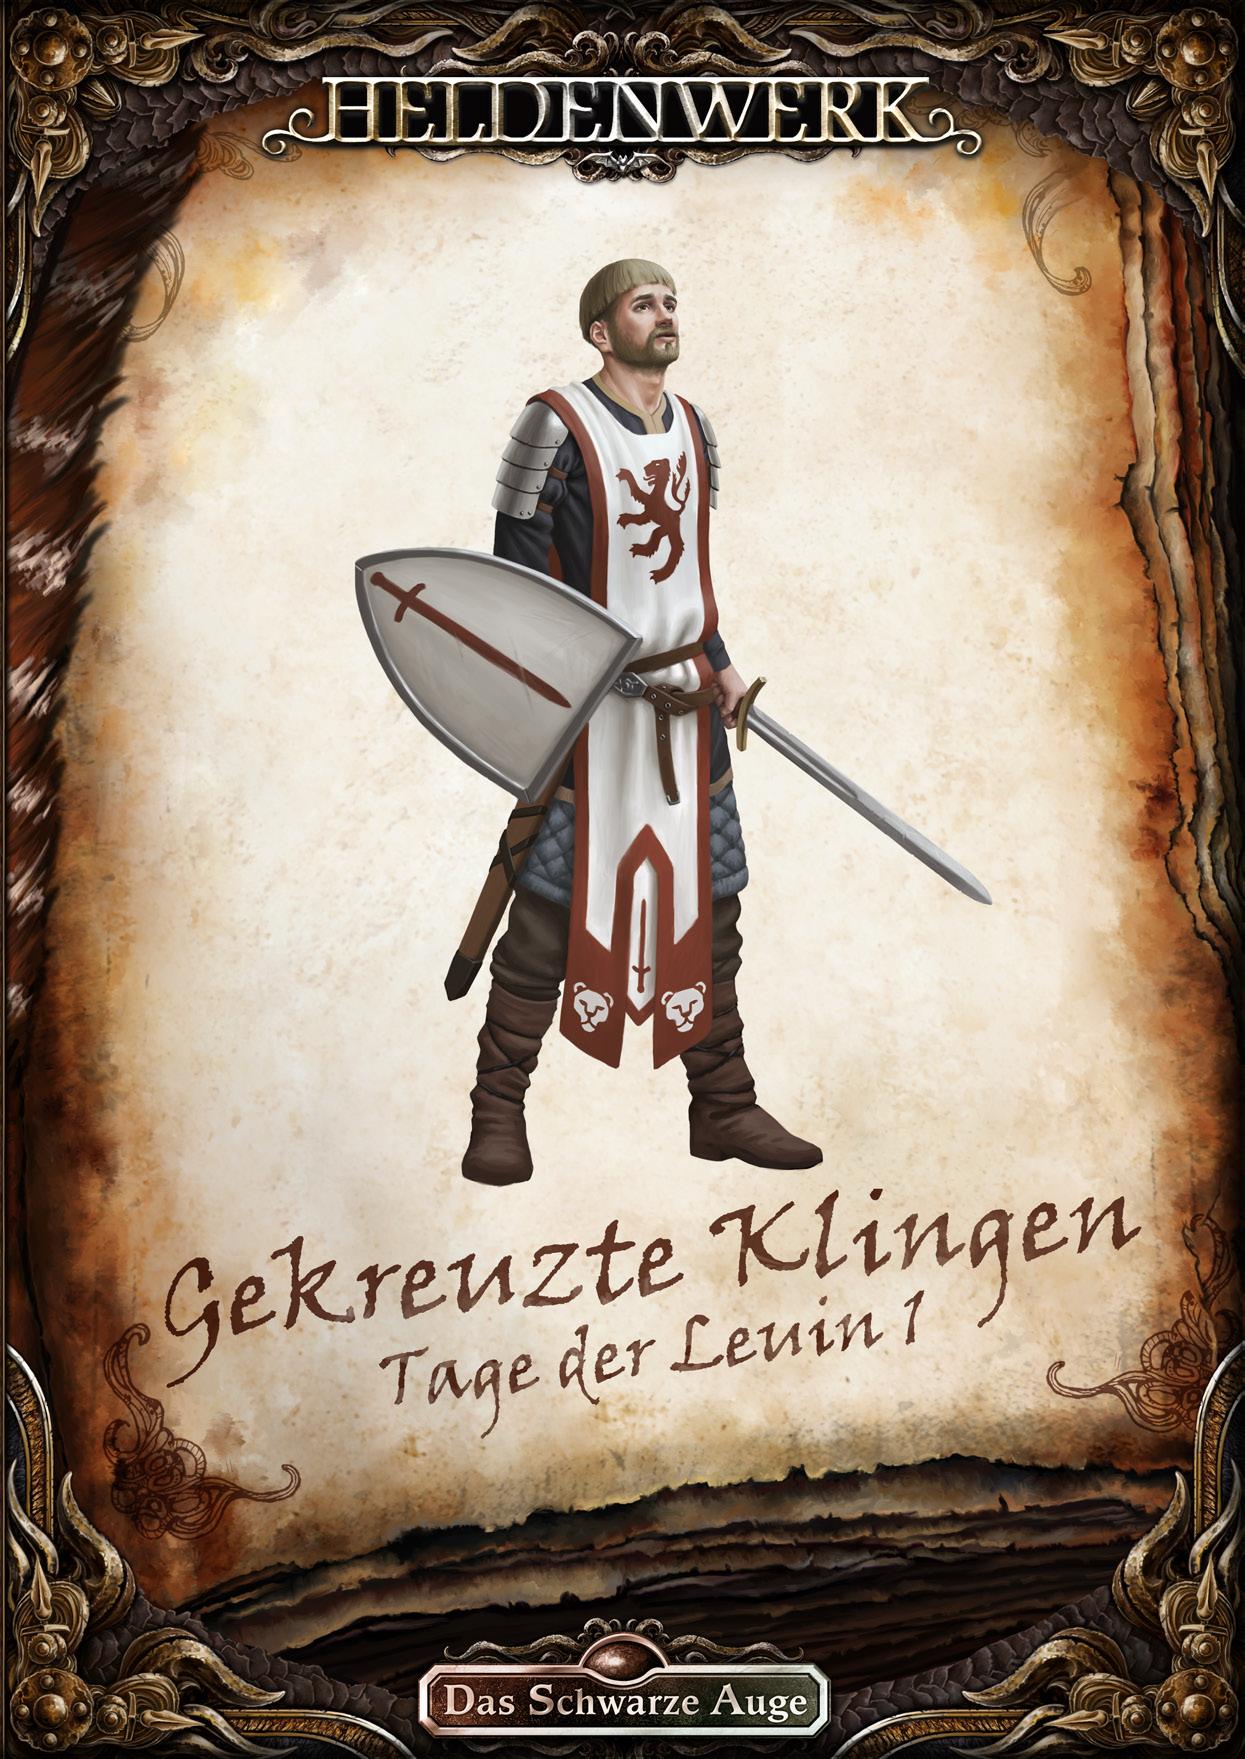 Gekreuzte Klingen – Tage der Leuin I